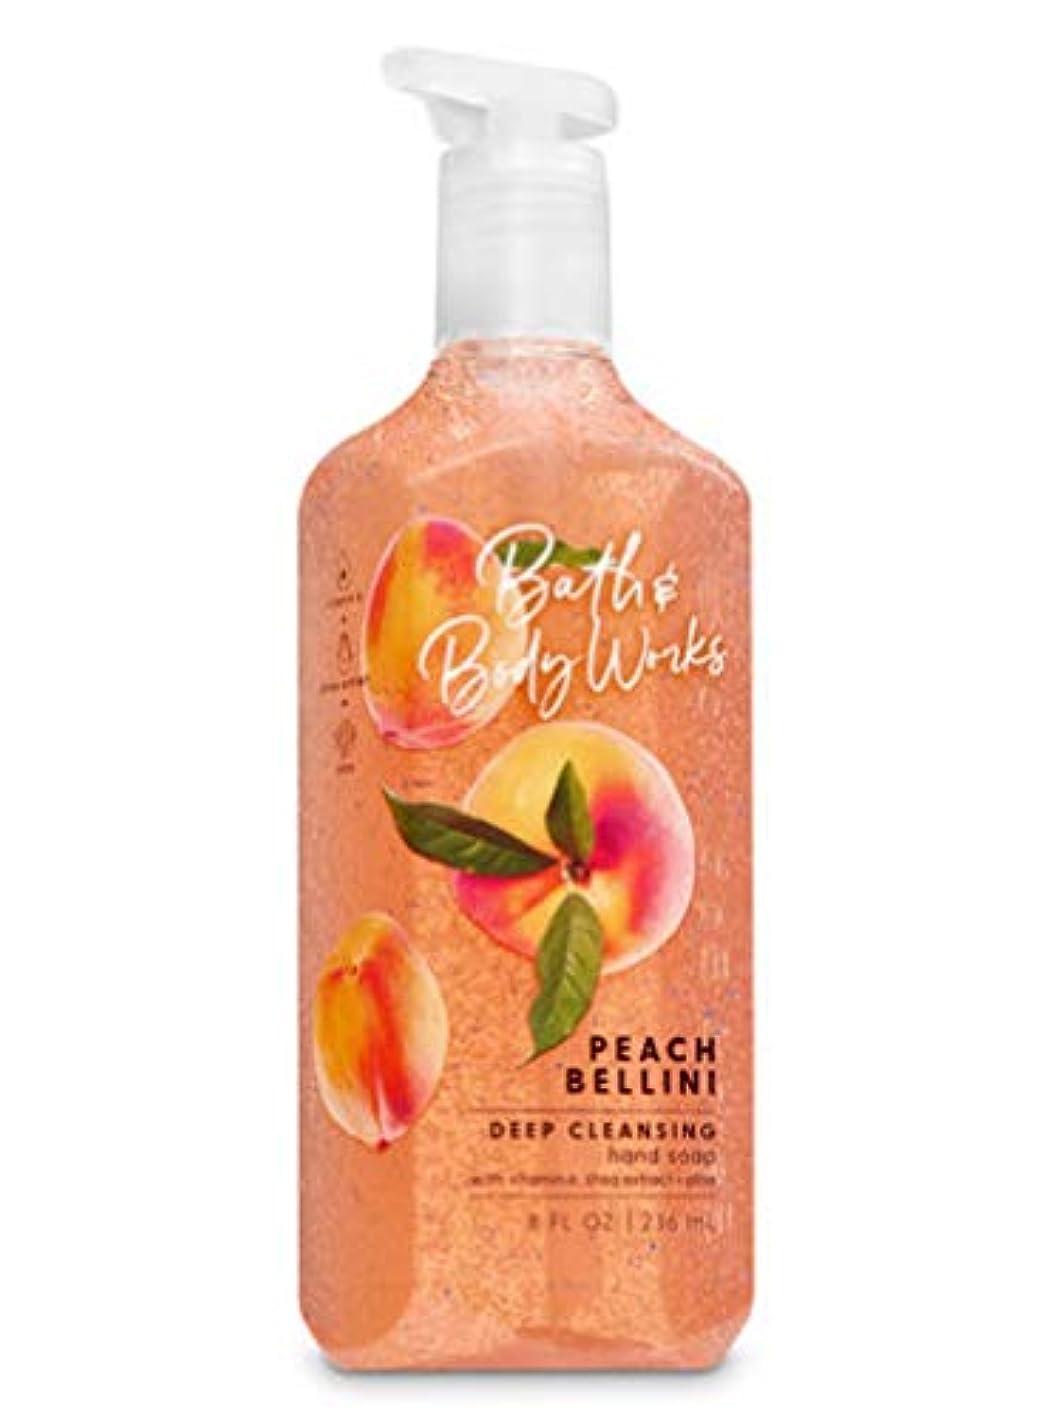 溶かす永遠に顕微鏡バス&ボディワークス ピーチベリーニ ディープクレンジングハンドソープ Peach Bellini Deep Cleansing Hand Soap